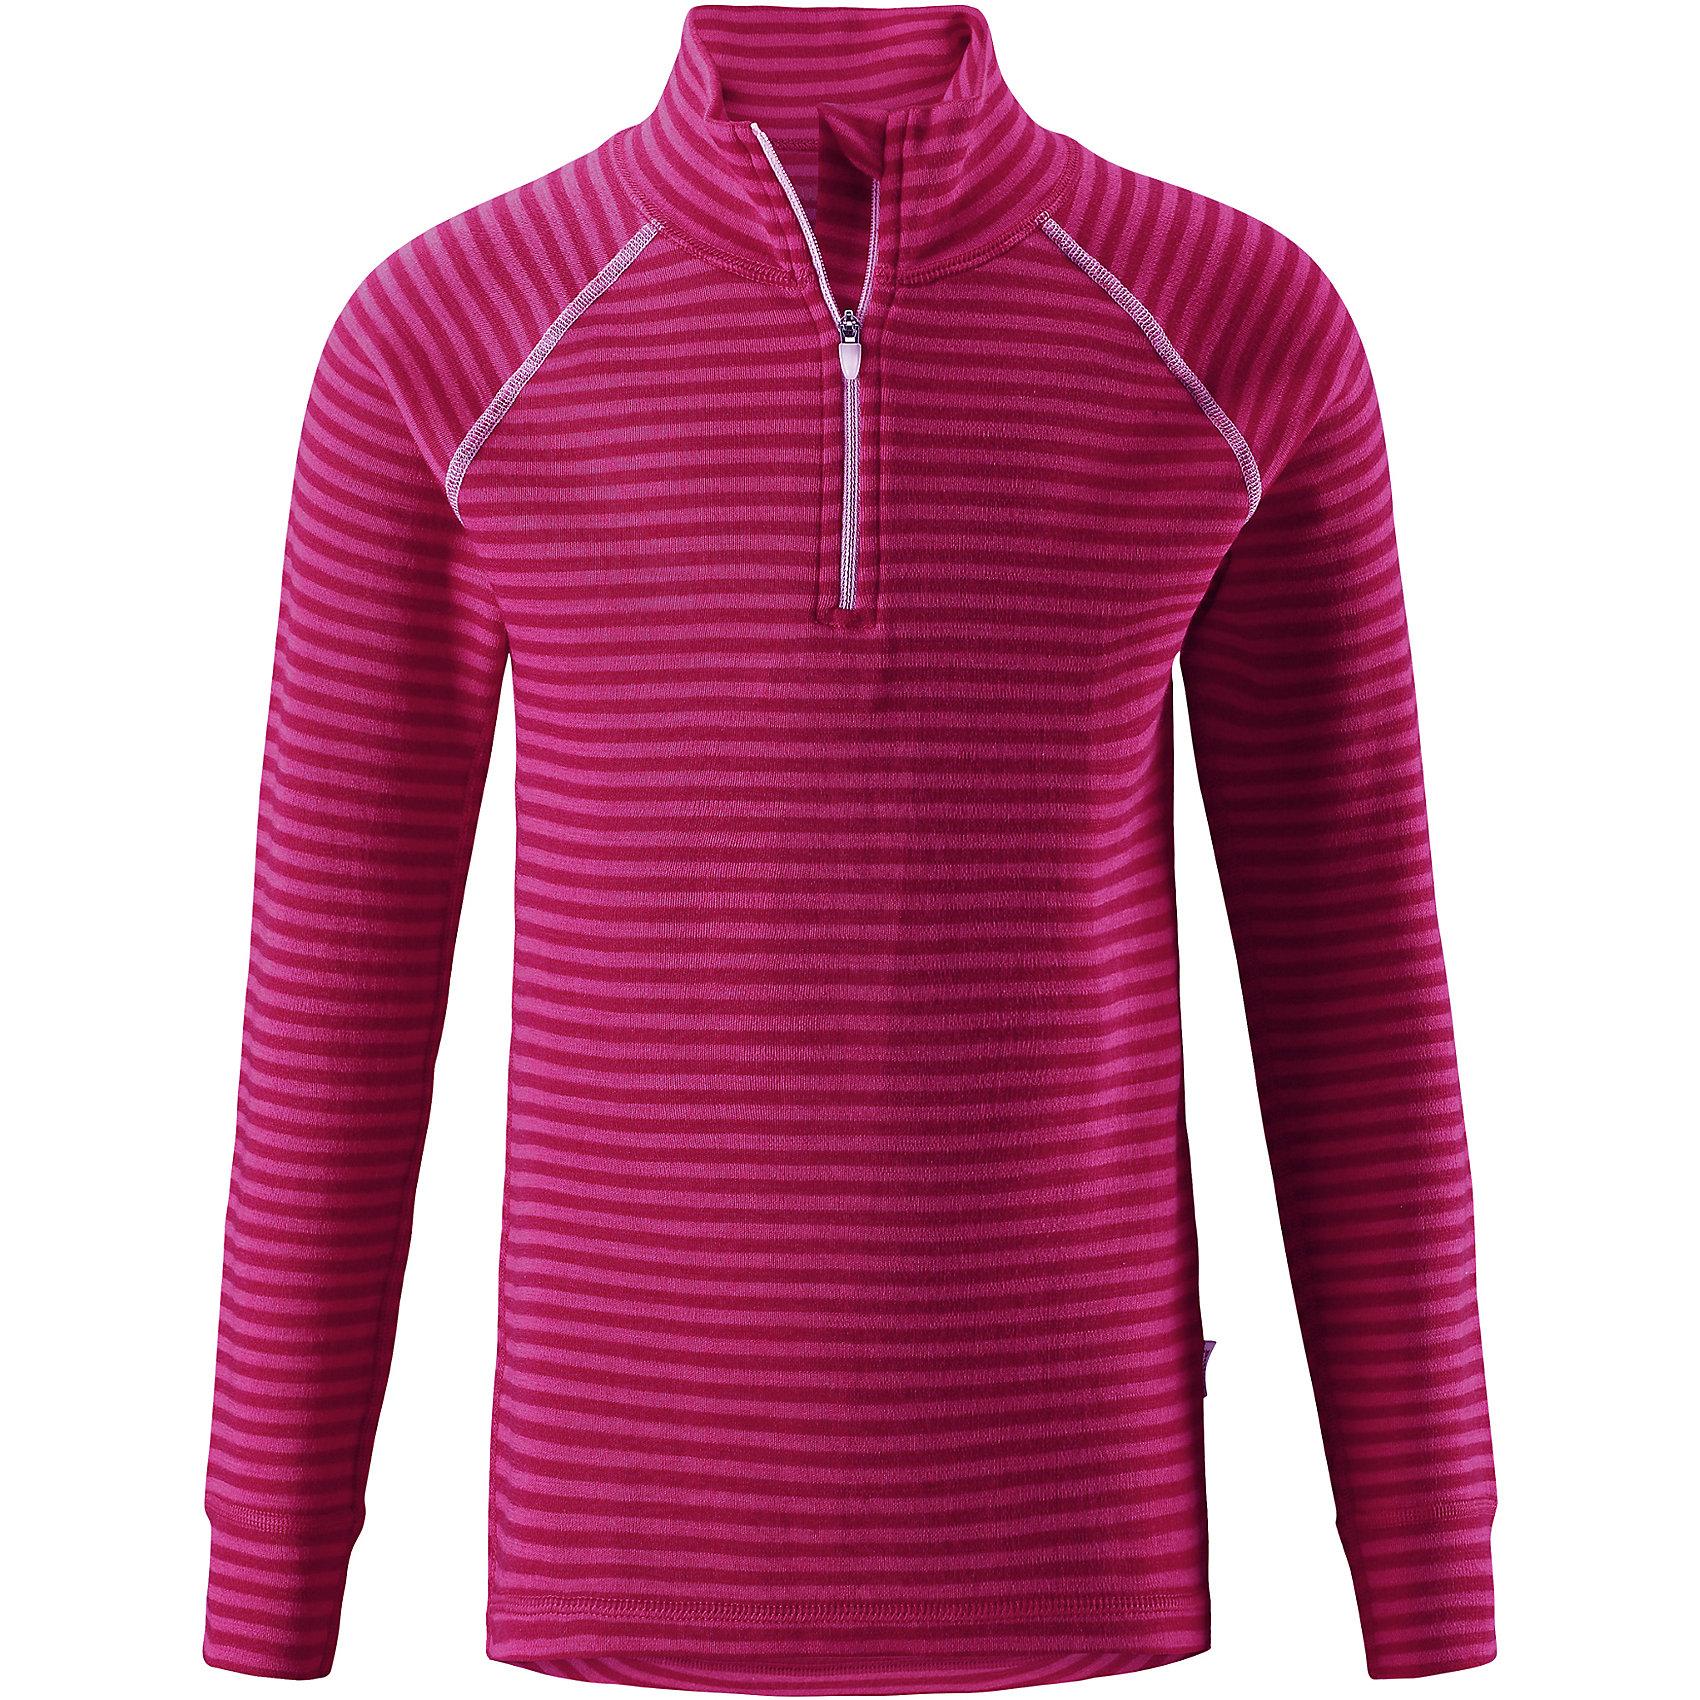 Футболка с длинным рукавом Reima TavastФлис и термобелье<br>Характеристики товара:<br><br>• цвет: розовый;<br>• состав: 80% шерсть, 20% полиамид;<br>• сезон: демисезон;<br>• специальный материал обеспечивает комфорт;<br>• шерсть идеально поддерживает температуру;<br>• мягкие плоские швы для дополнительного комфорта: не раздражают кожу;<br>• удлиненный подол сзади для дополнительной защиты;<br>• молния спереди;<br>• страна бренда: Финляндия;<br>• страна изготовитель: Китай;<br><br>Футболка для детей и подростков сшита из эластичного и дышащего материала. Мягкая хлопковая поверхность с влагоотводящей изнаночной стороной. Эта футболка очень приятная на ощупь и удобная благодаря мягким плоским швам, которые не натирают кожу. Удлиненная спинка для дополнительной защиты поясницы. Застежка на молнии спереди облегчает надевание. Декоративный вязаный узор и контрастная цветная строчка.<br><br>Футболку с длинным рукавом Tavast Reima (Рейма) можно купить в нашем интернет-магазине.<br><br>Ширина мм: 230<br>Глубина мм: 40<br>Высота мм: 220<br>Вес г: 250<br>Цвет: розовый<br>Возраст от месяцев: 84<br>Возраст до месяцев: 96<br>Пол: Унисекс<br>Возраст: Детский<br>Размер: 160,80,90,100,110,120,130,140,150<br>SKU: 6904430